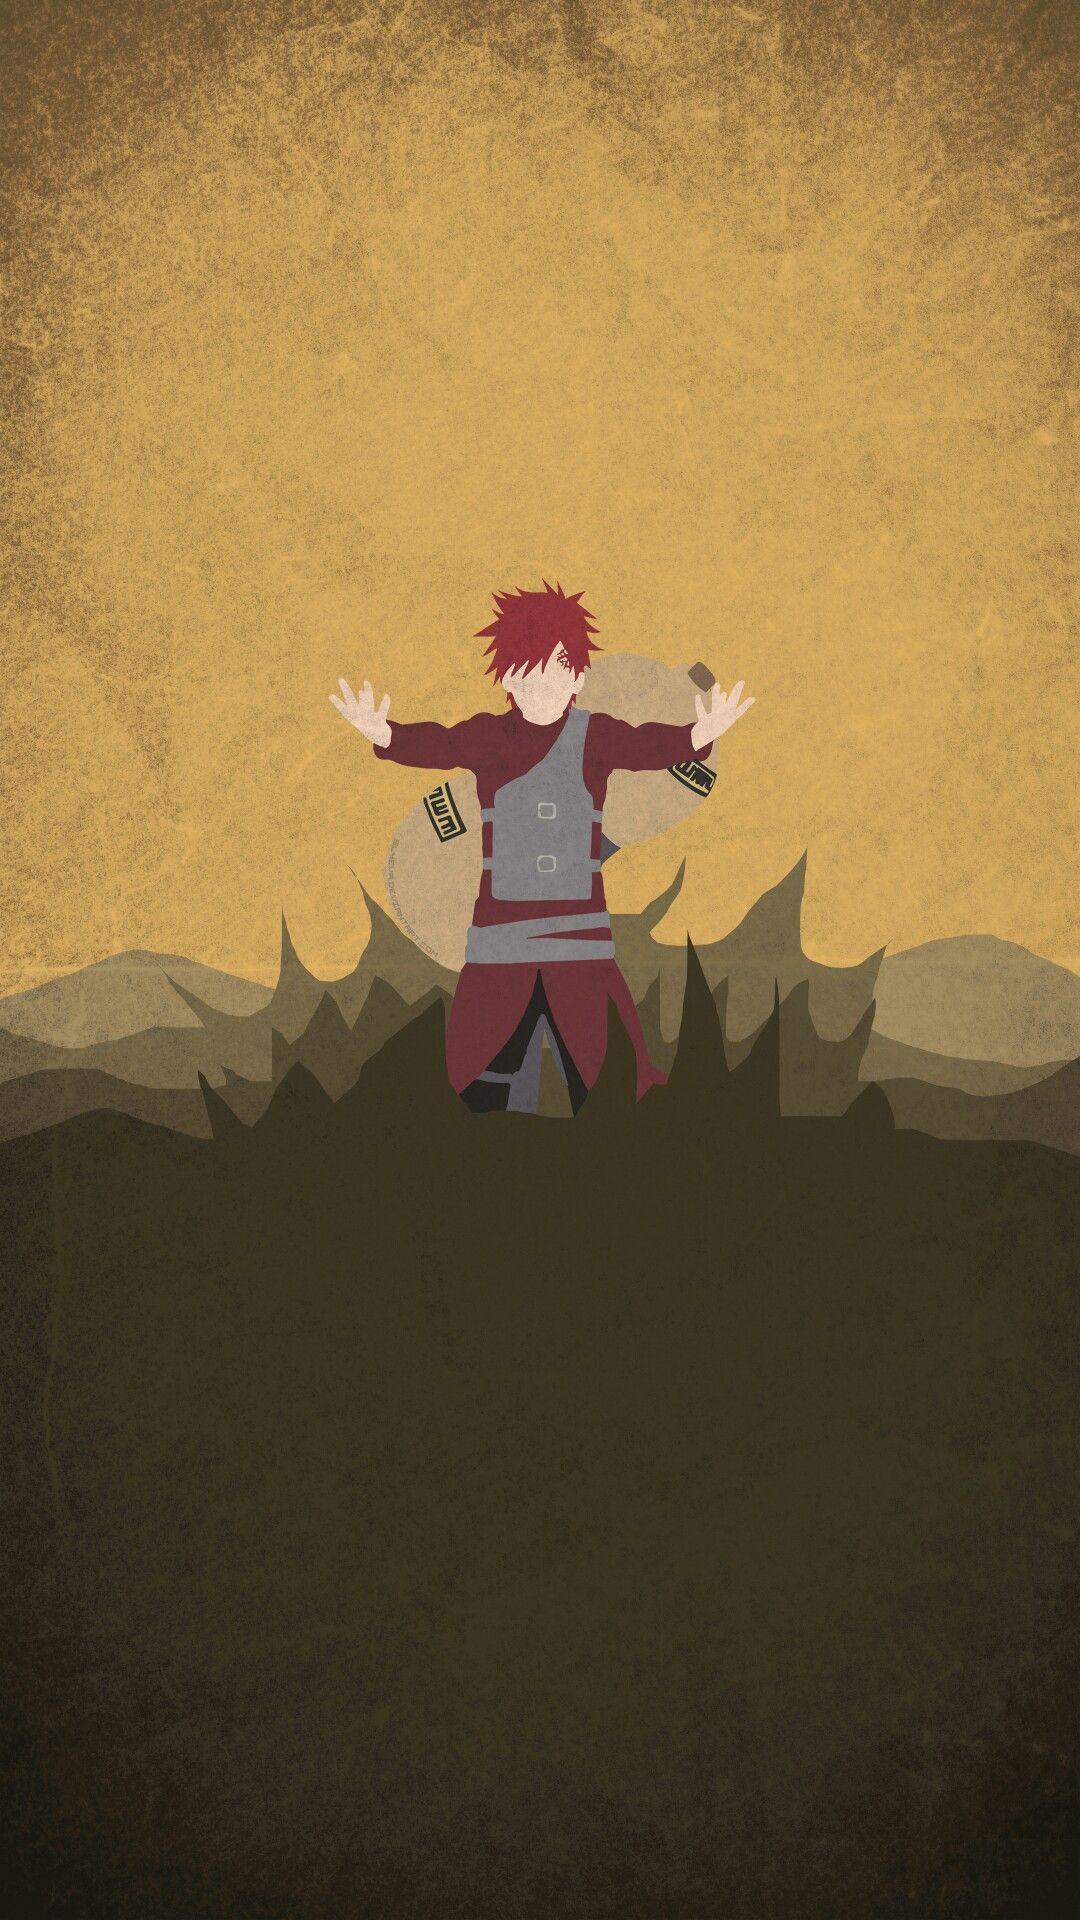 Best Wallpaper Naruto Minimalistic - 2037a3111b53e44a6dbda1f5dff6906d  HD_275322.jpg